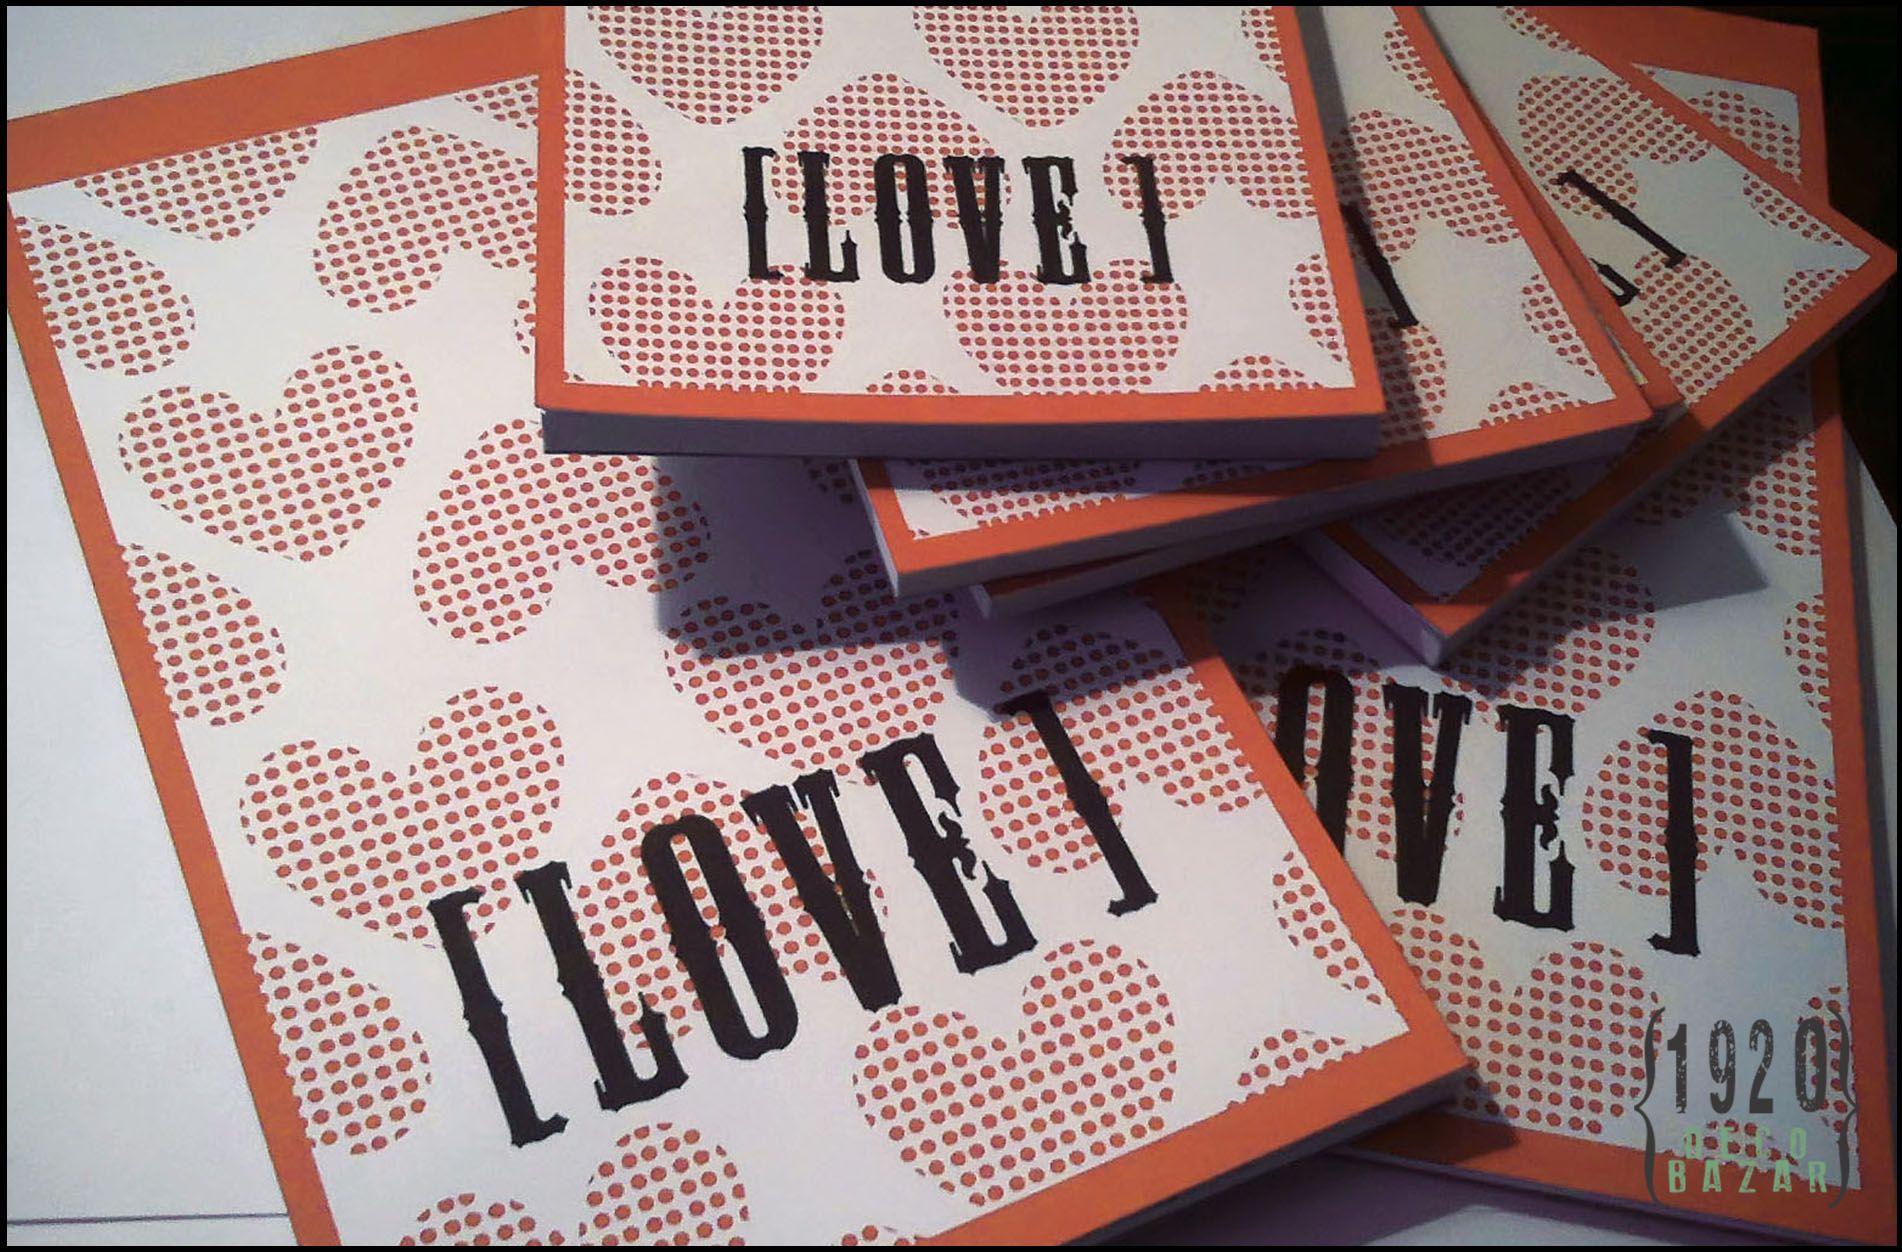 """Block de notas """"Love"""". Varias medidas. Más info en: http://1920decobazar.blogspot.com.ar/2014/07/anotadores.html"""